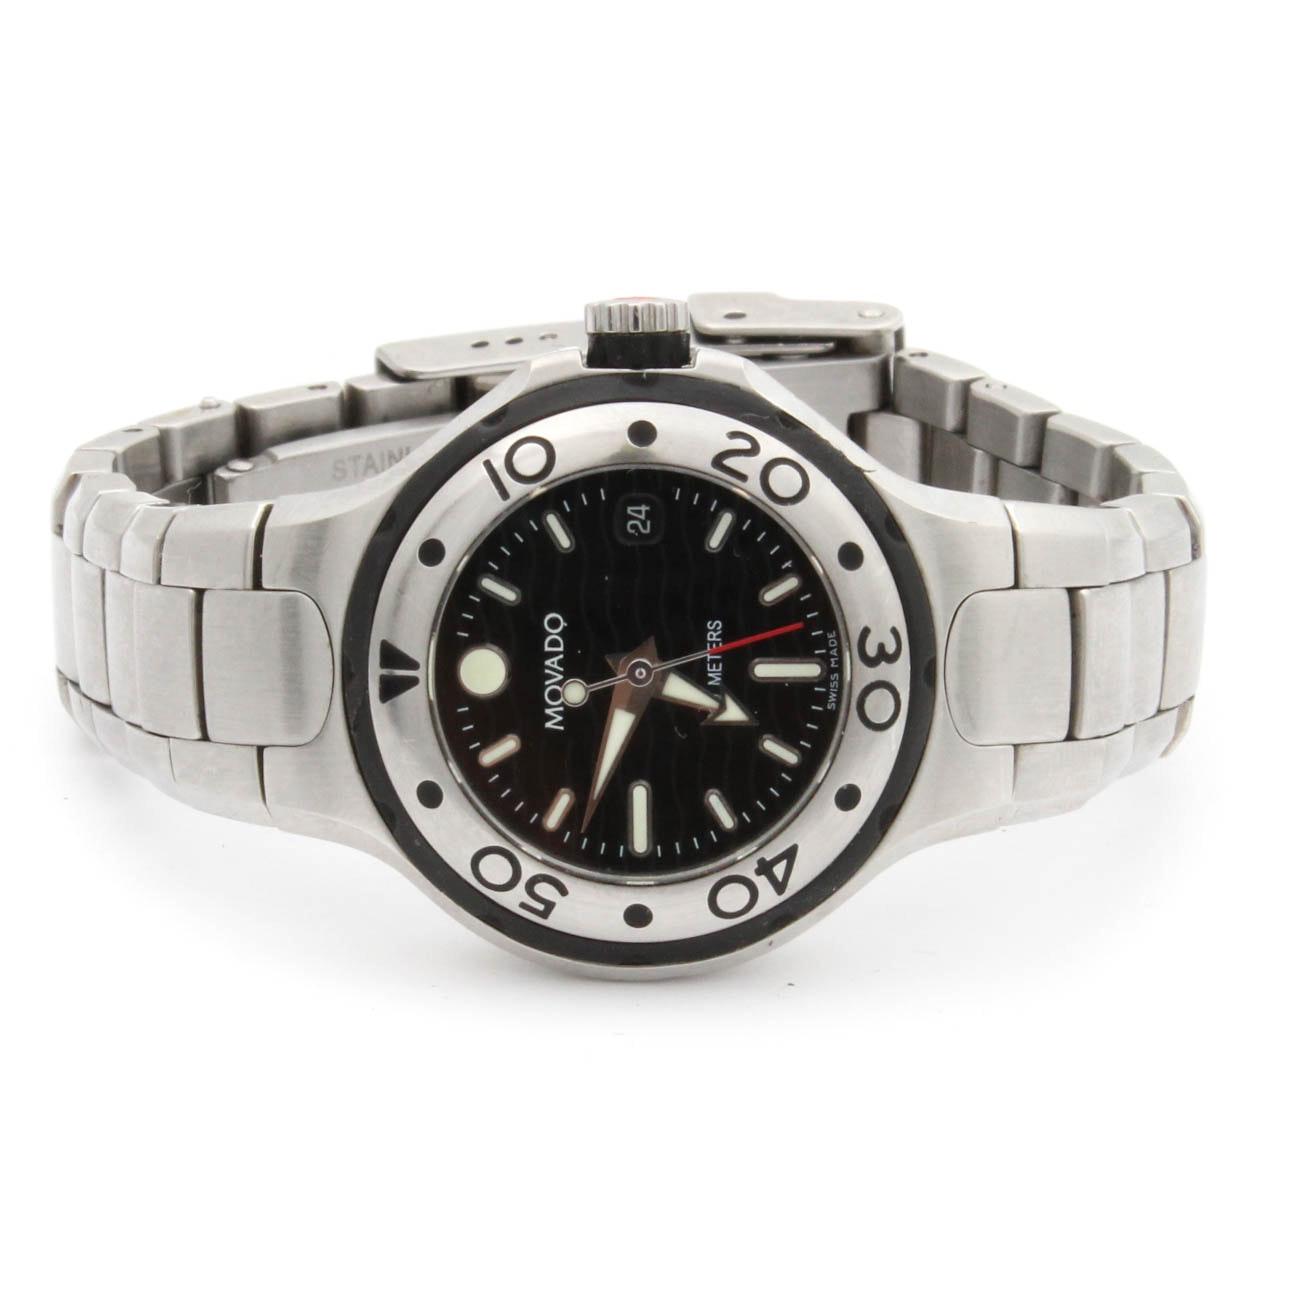 Movado Stainless Steel Swiss Quartz Wristwatch